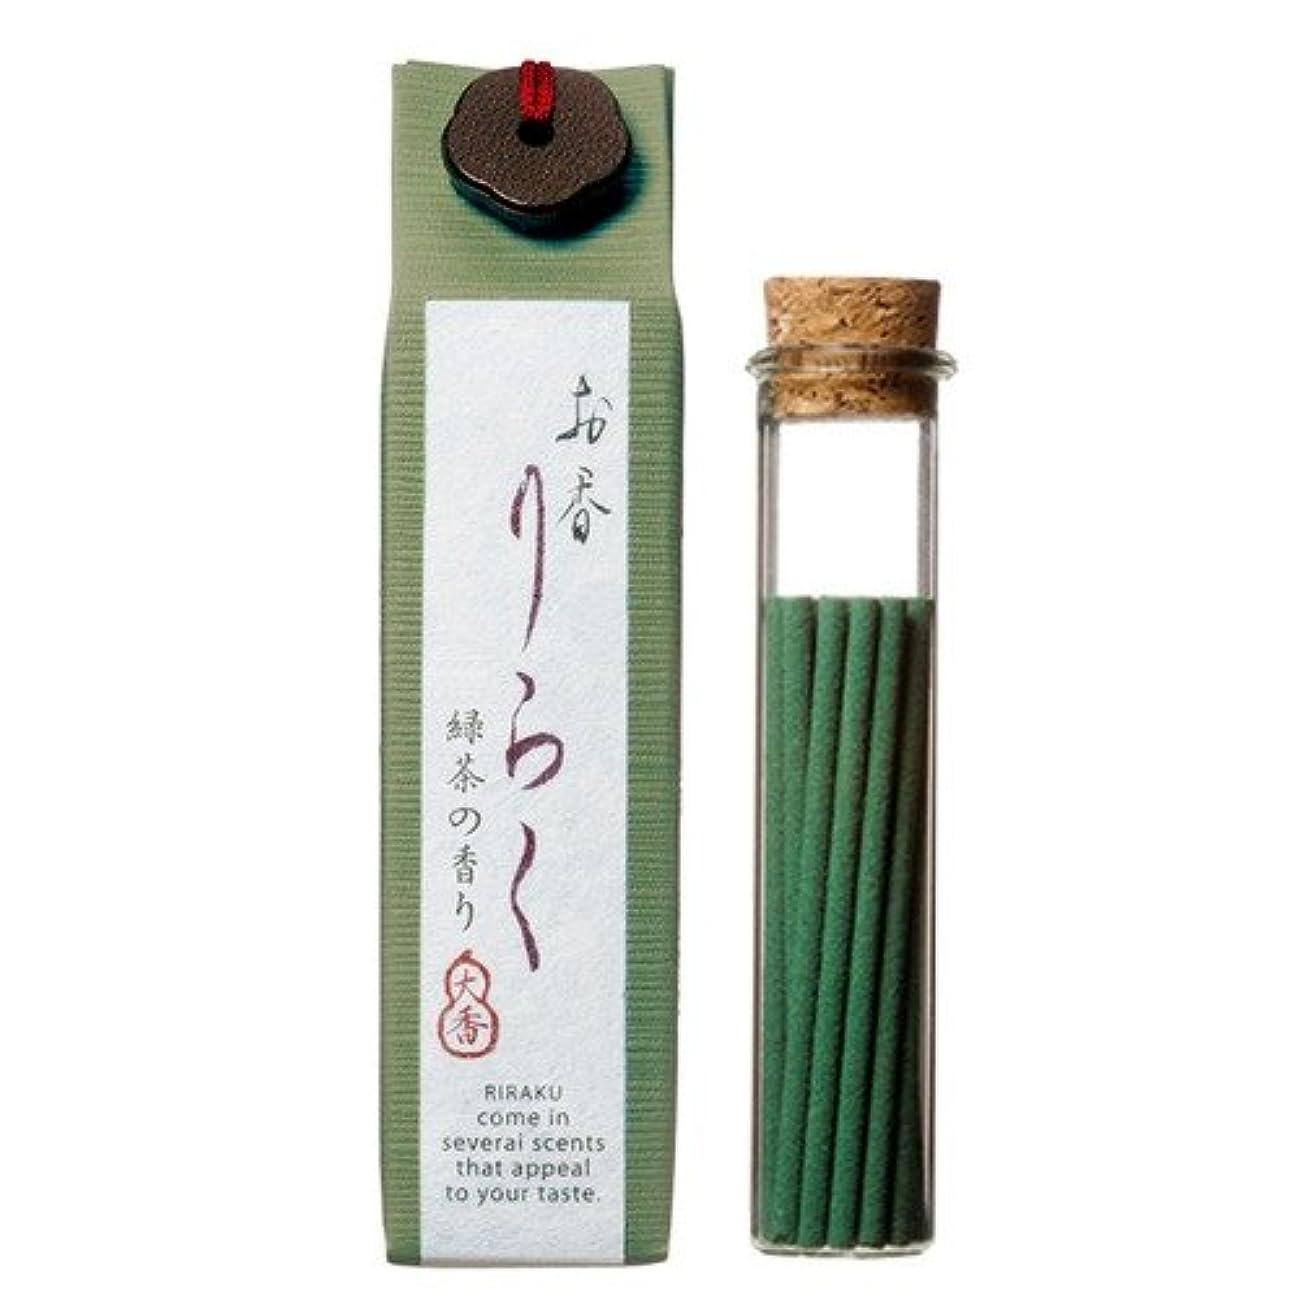 ラジエーター首相カブお香 りらく 緑茶 15本入